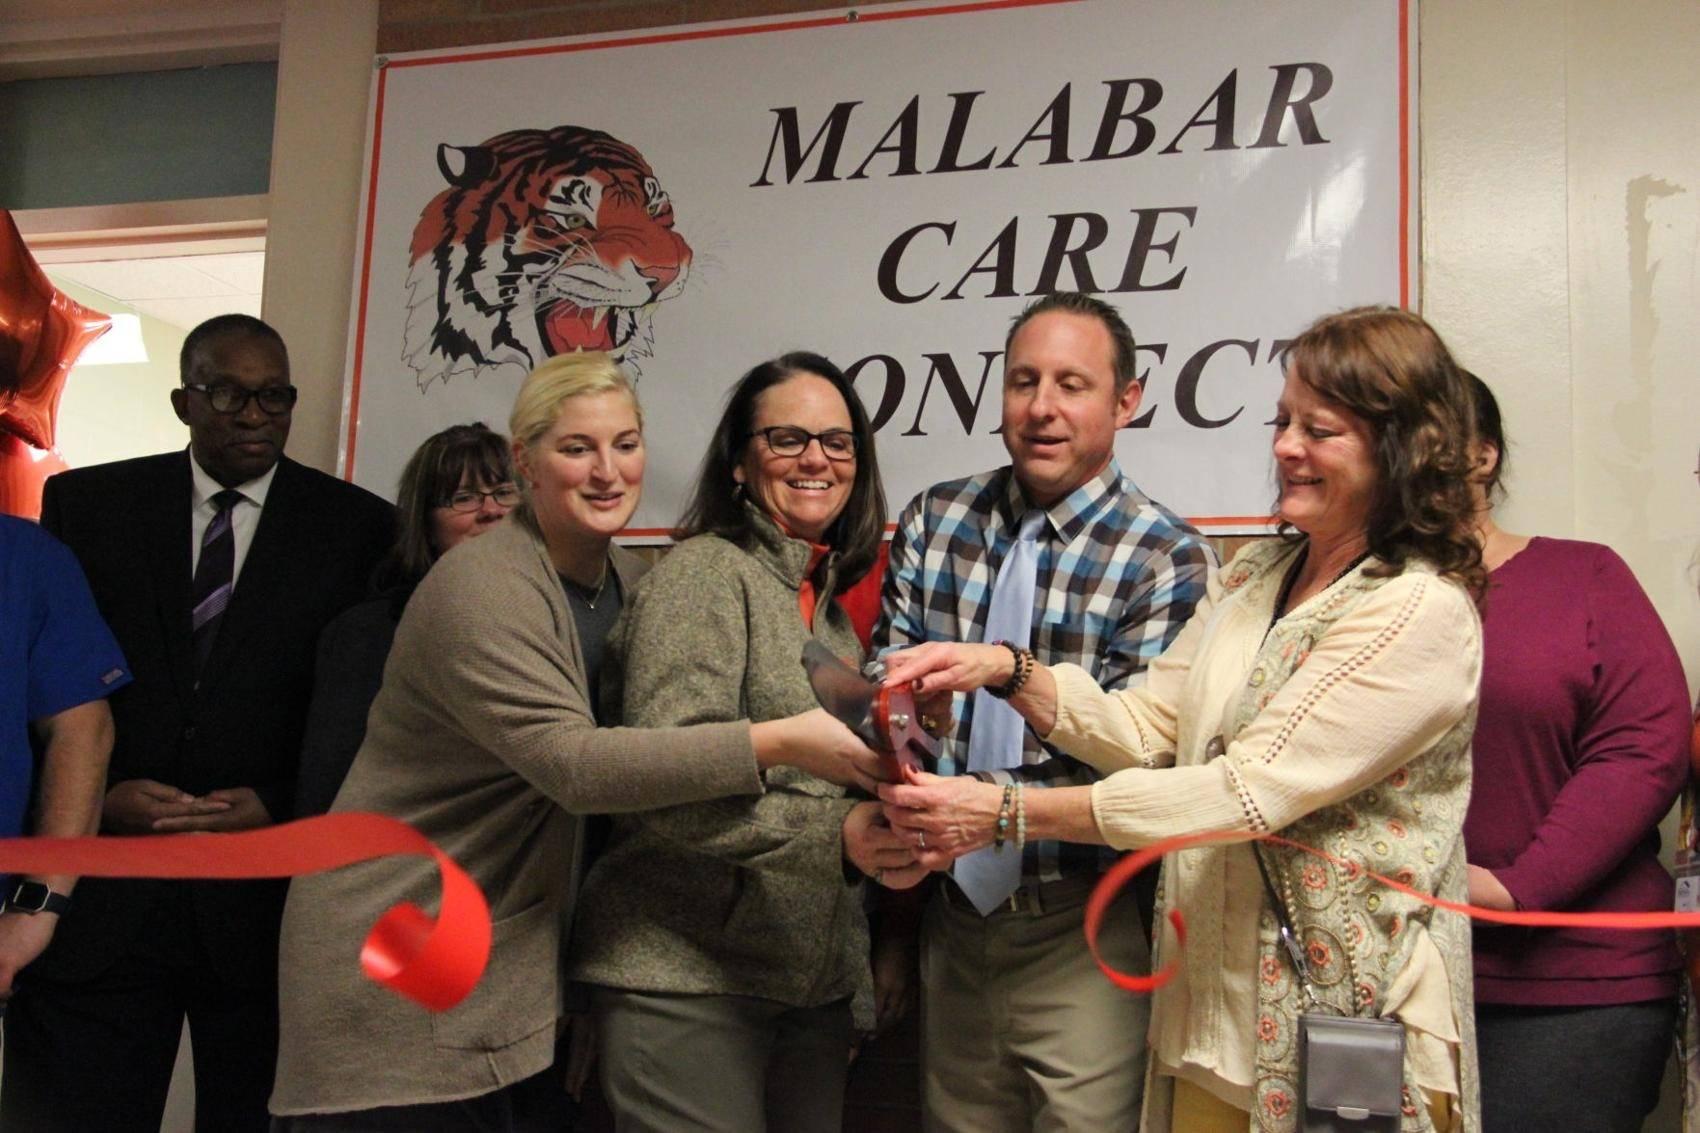 Malabar Care Connect Ribbon Cutting